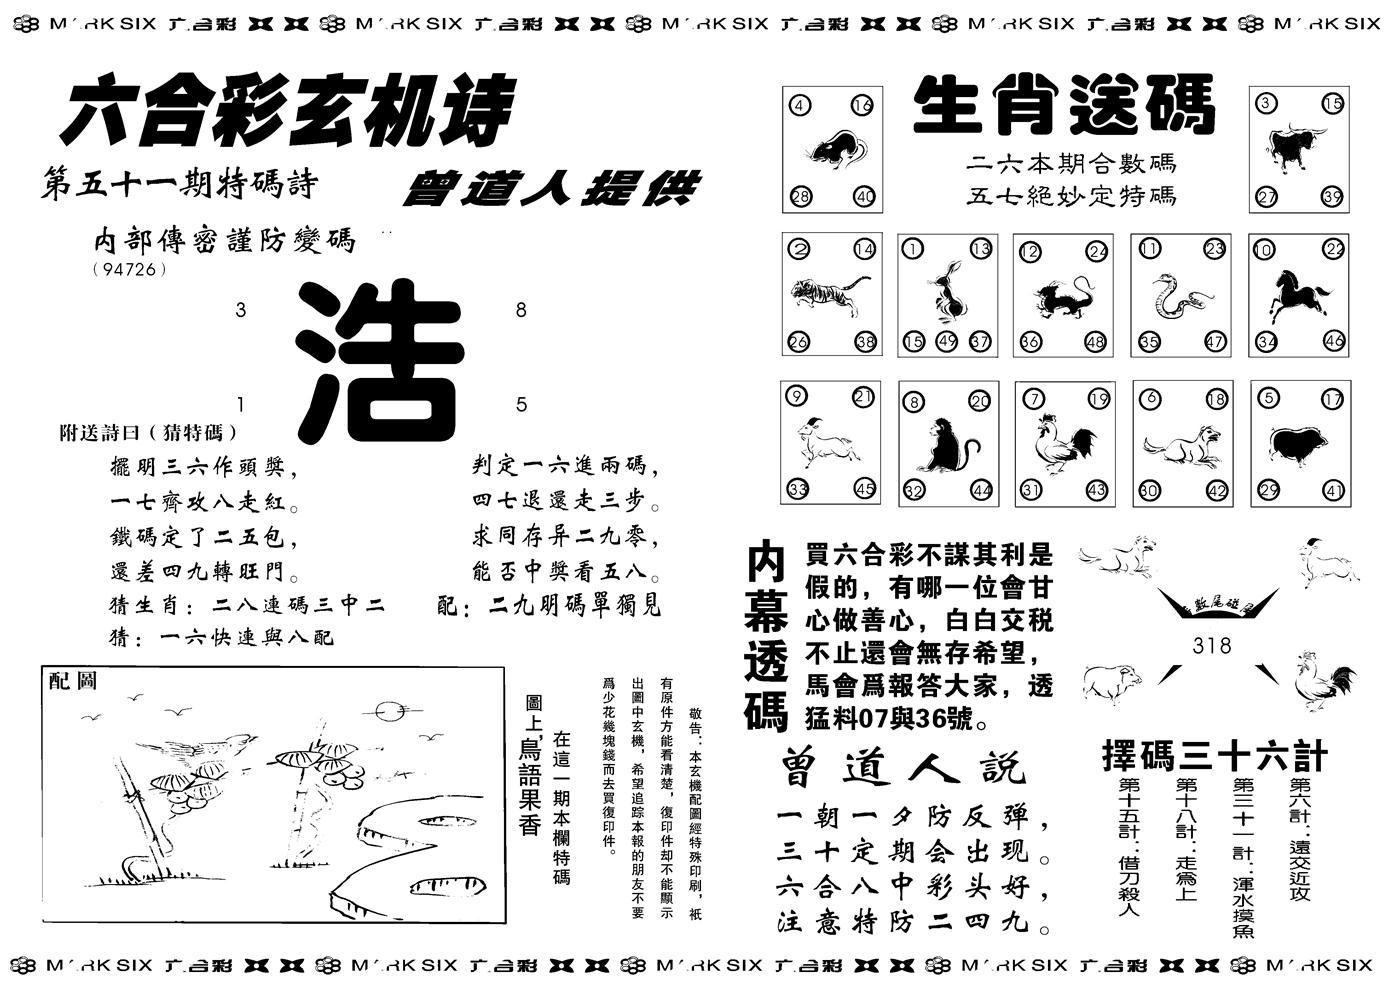 051期新内幕B(黑白)